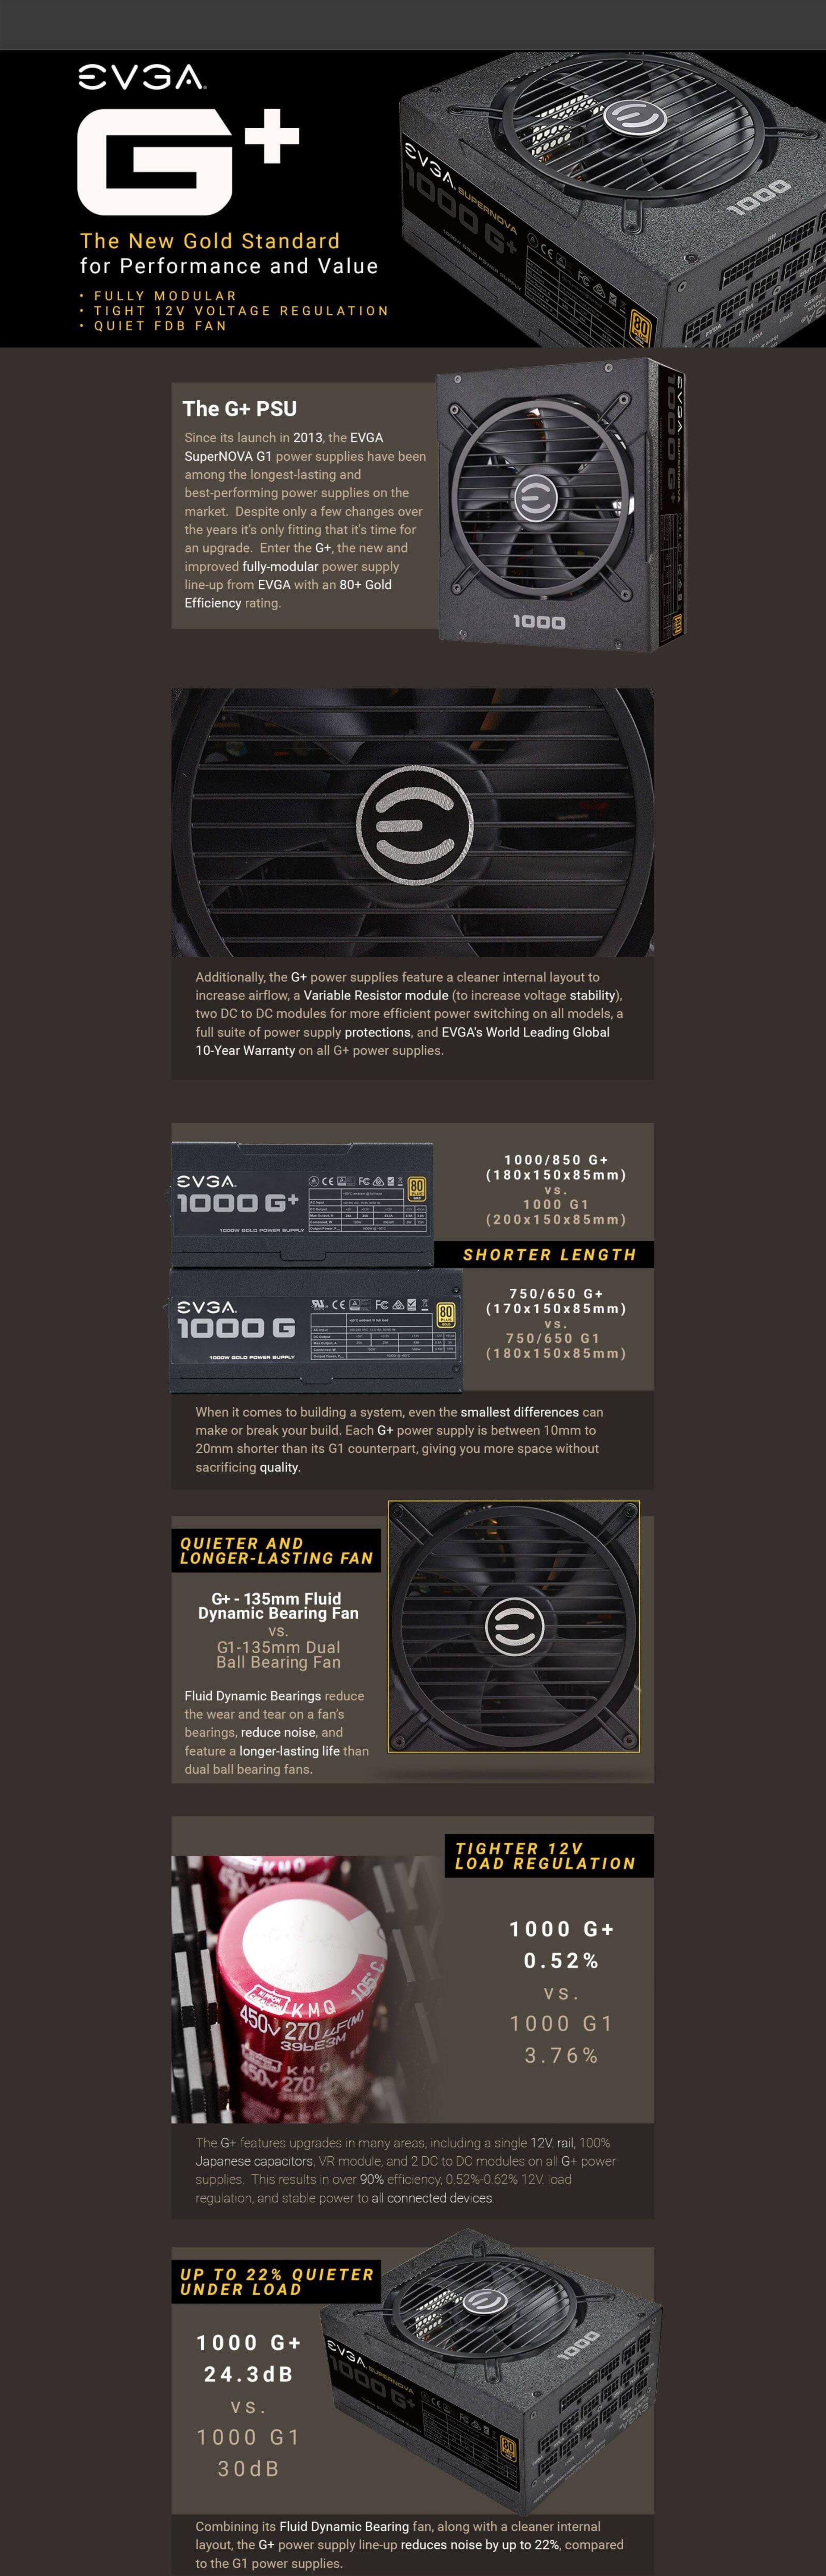 #1643 - 'EVGA - Products - EVGA SuperNOVA 1000 G+, 80 Plus Gold 1000W, Fully Modular, FDB Fan, 10 Year Warranty, Includes Power ON Se_' - www_evga_com.jpg